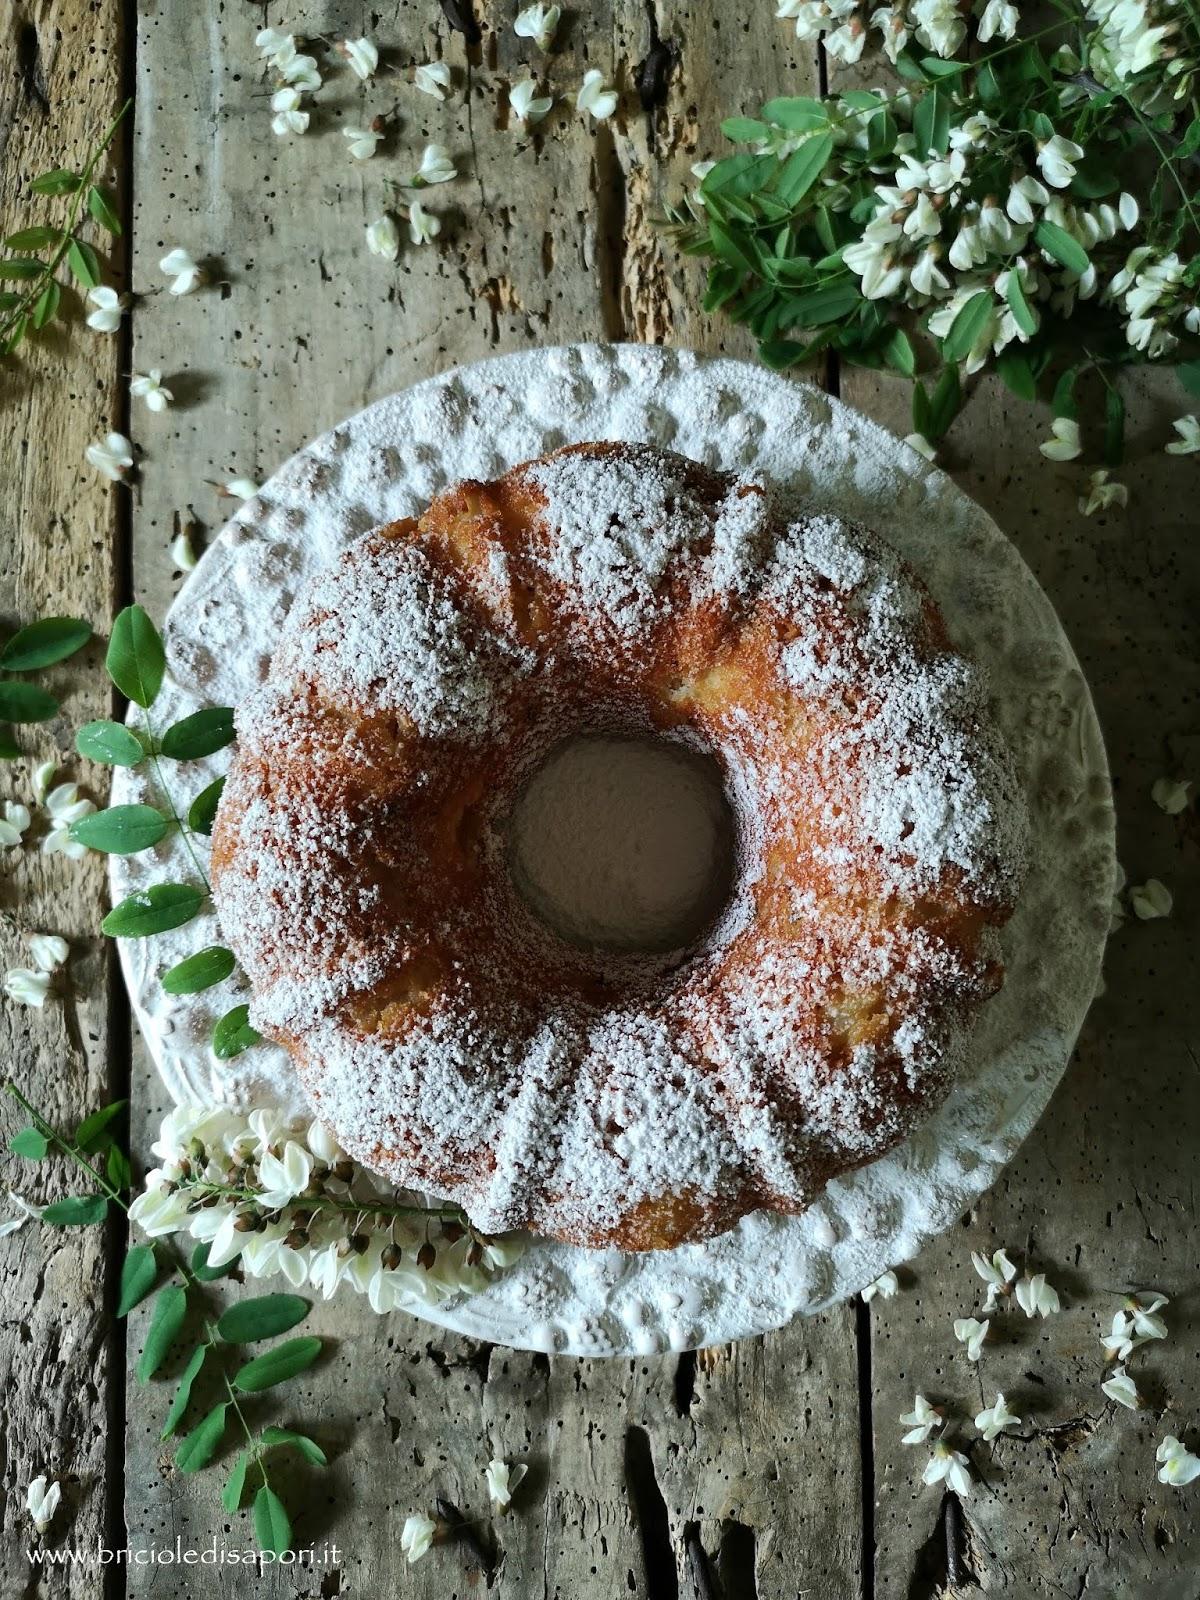 torta con fiori di robinia e mele